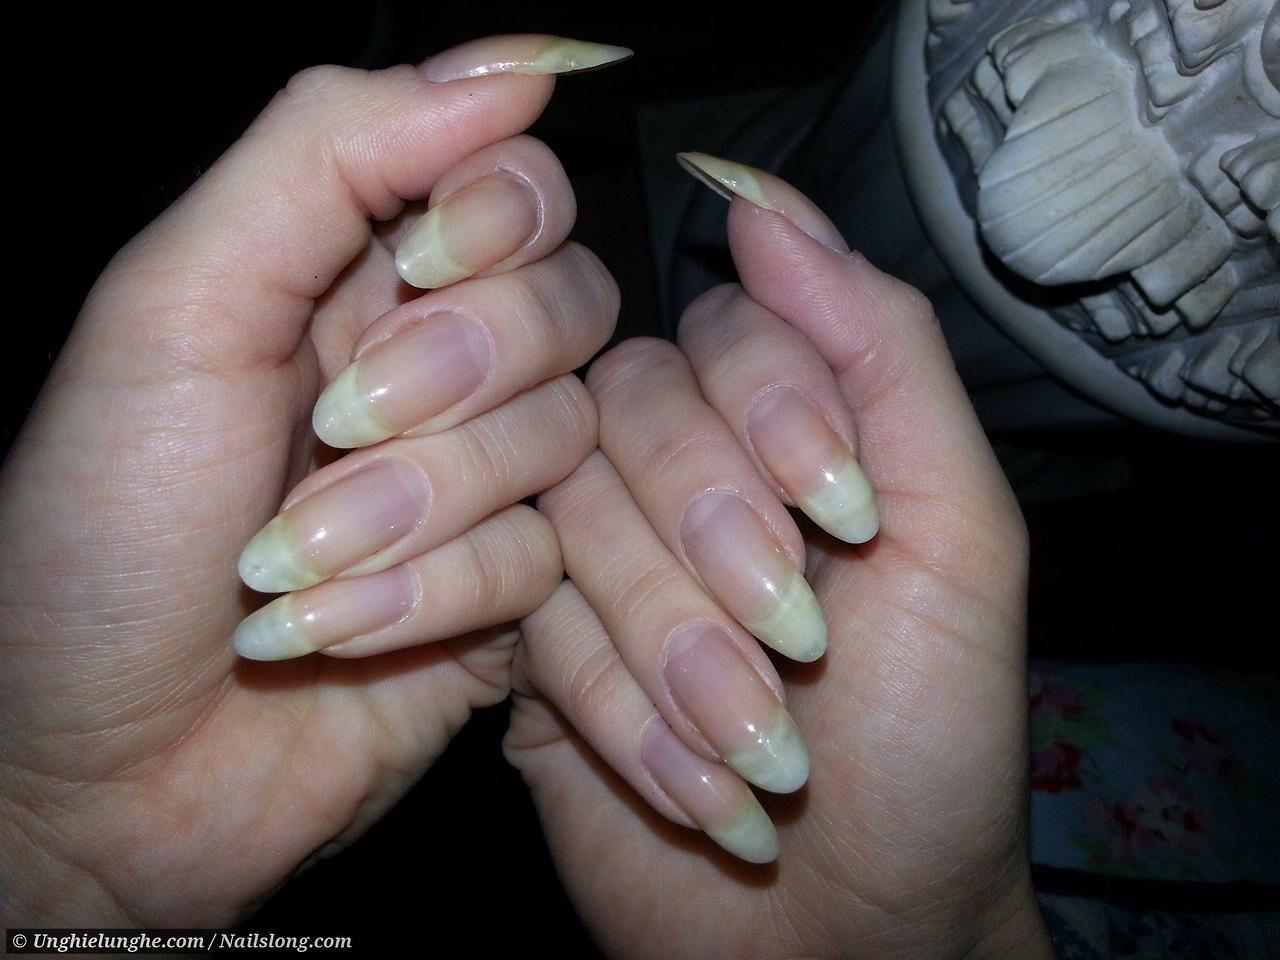 Pin By Jennipher Dallas On Nails I Wish I Had Natural Nails Long Natural Nails Nails Only